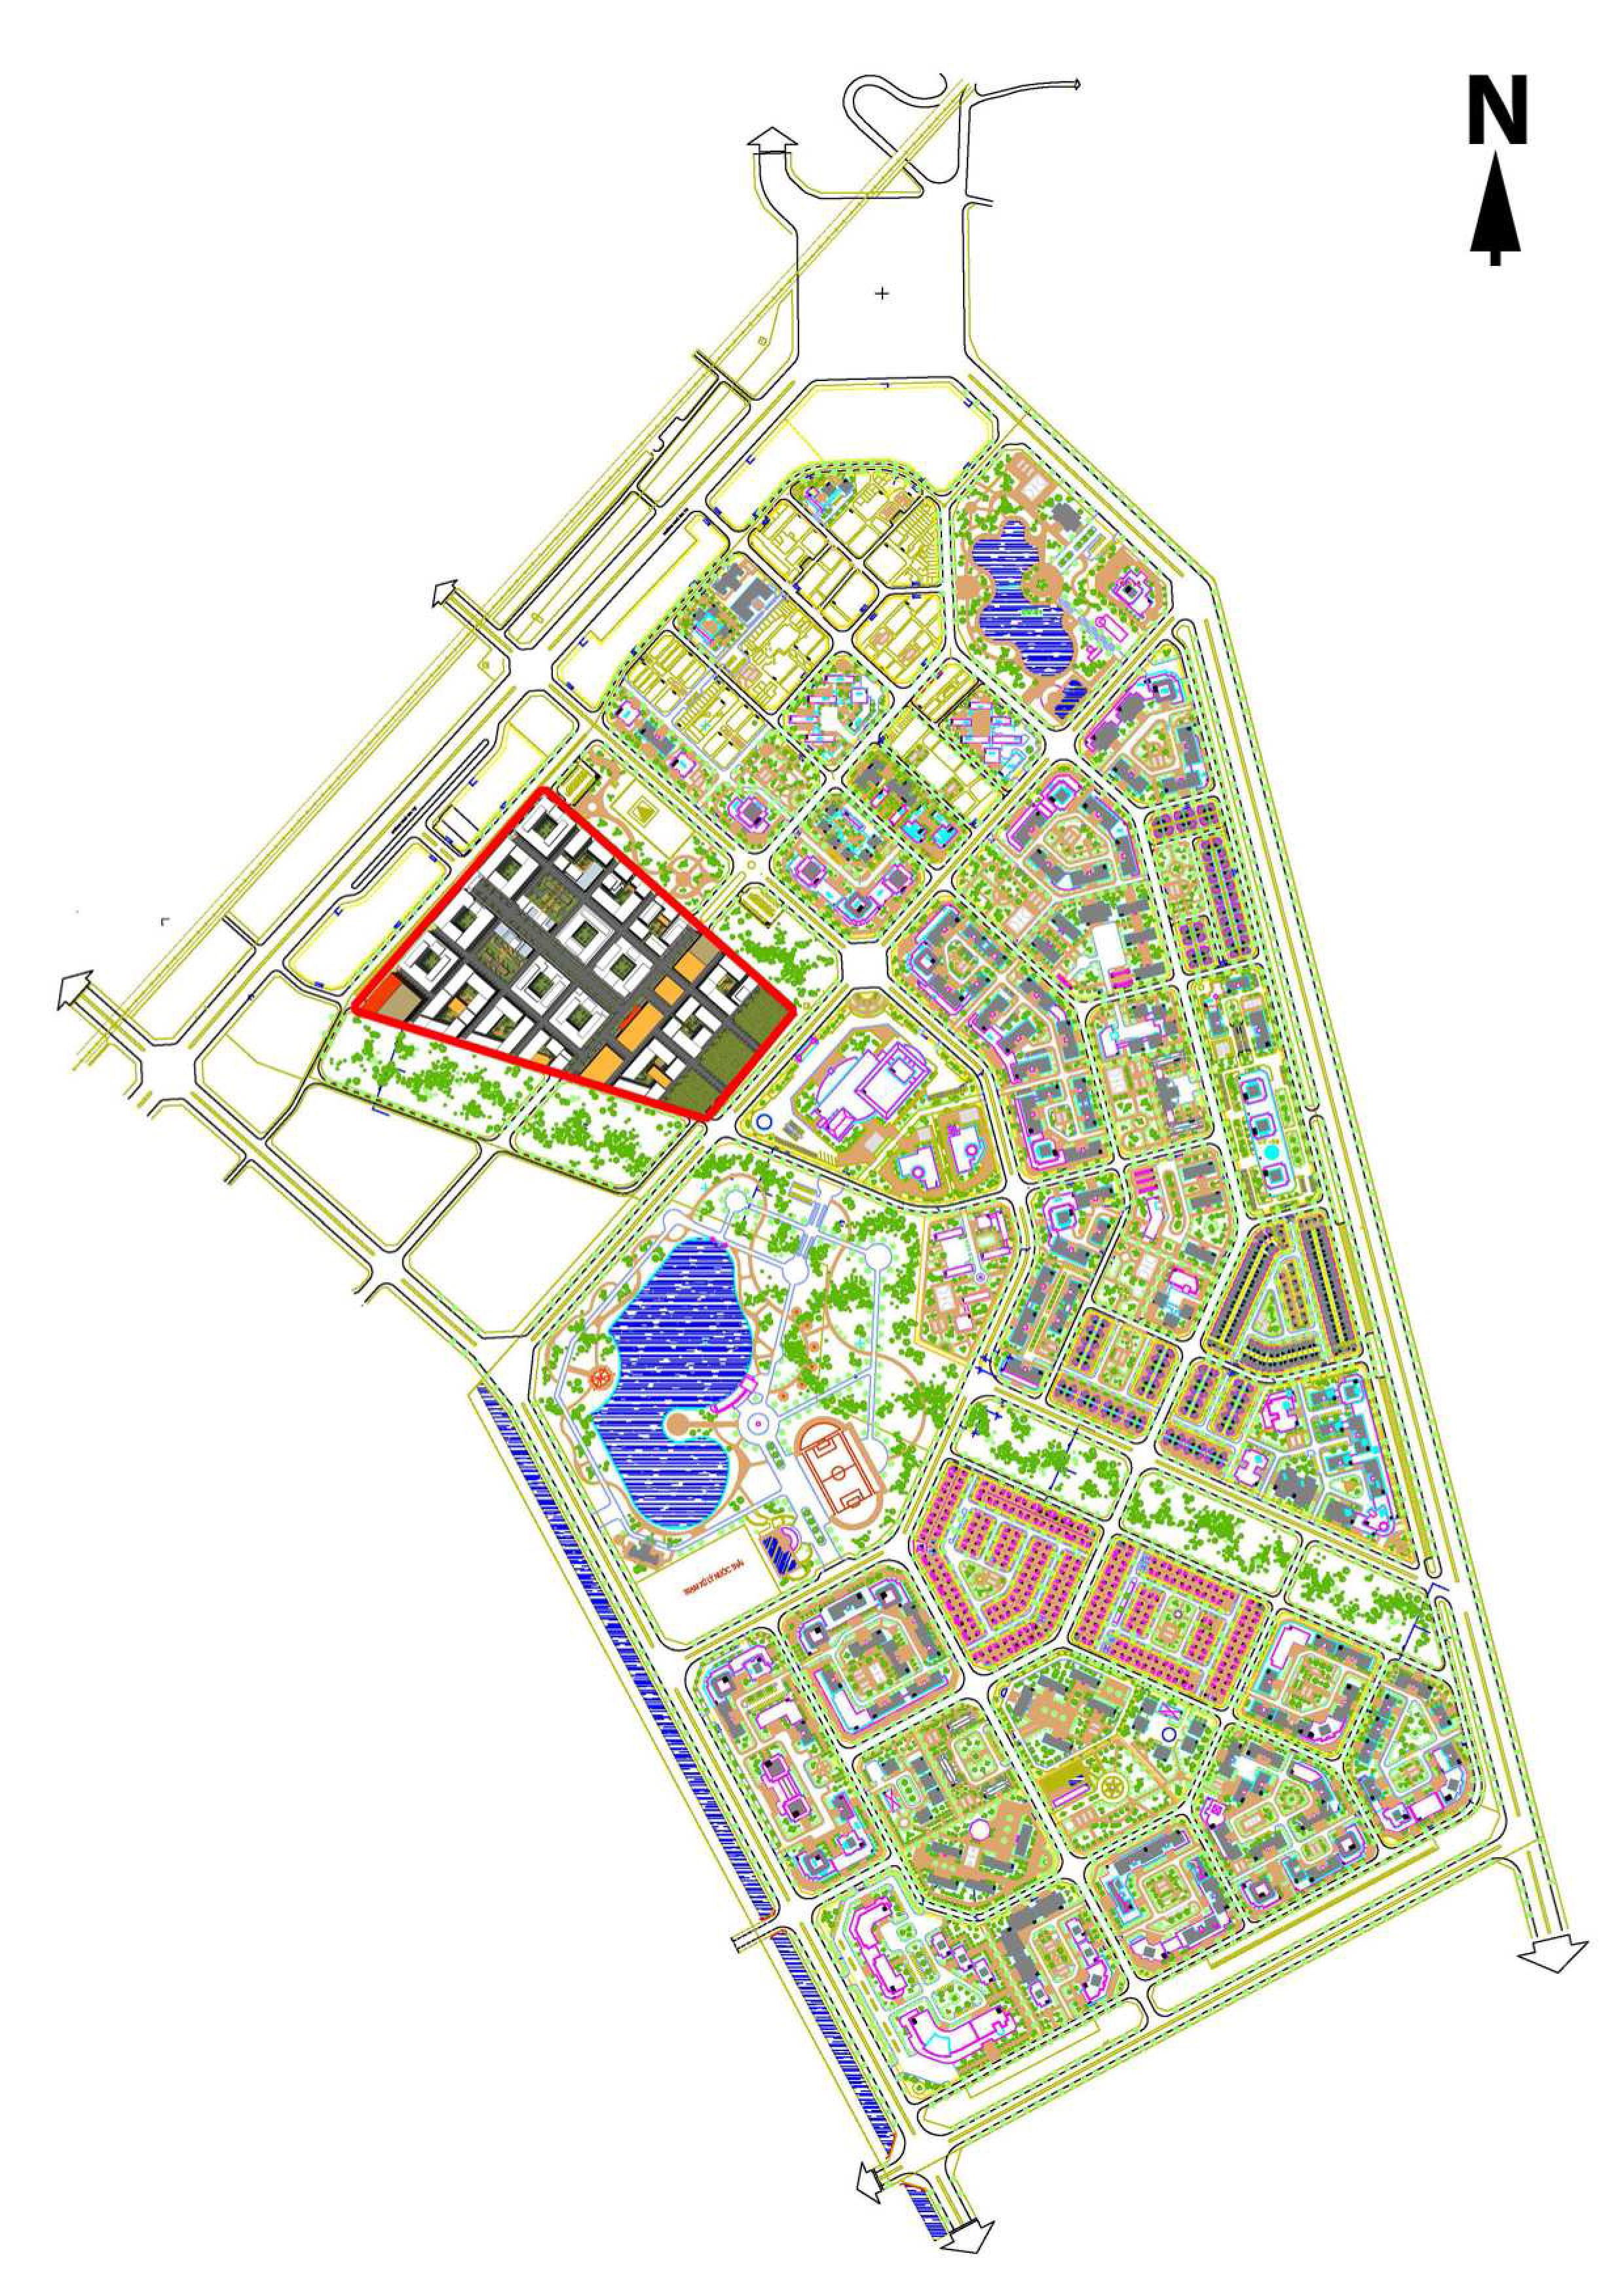 Quy hoạch chi tiết Khu đô thị Việt Hưng